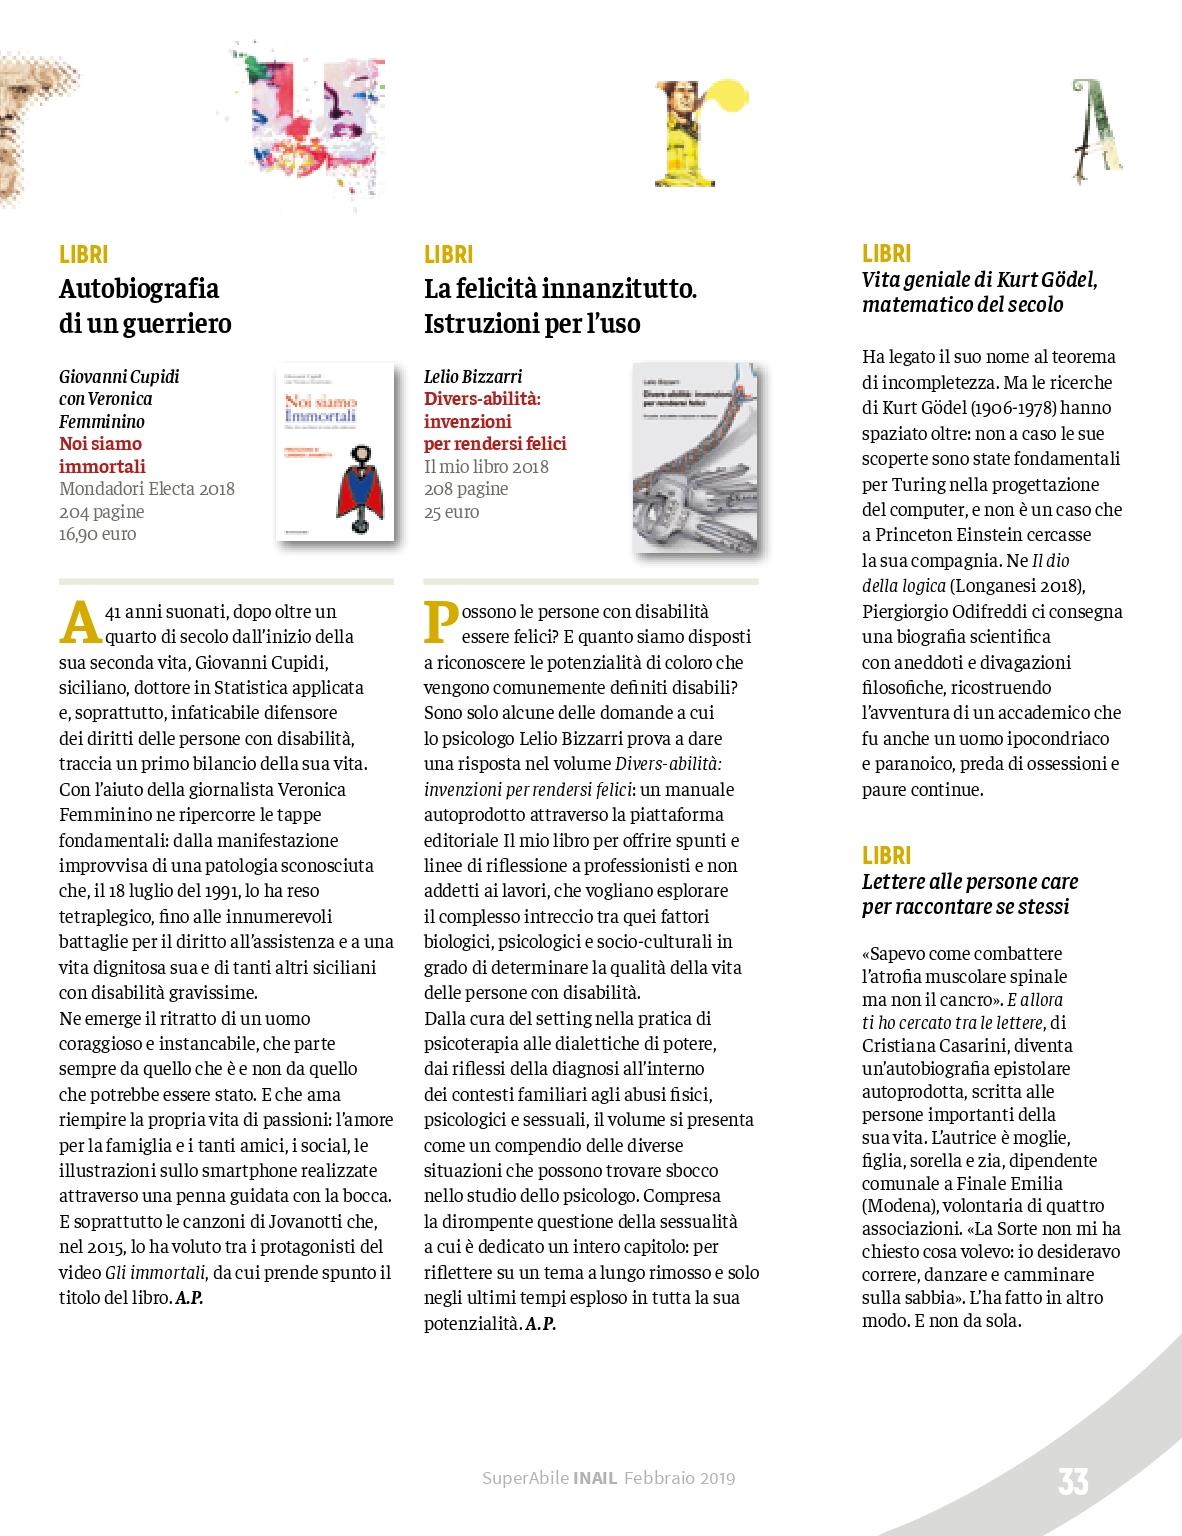 superabile_magazine_201902-33_page-0001